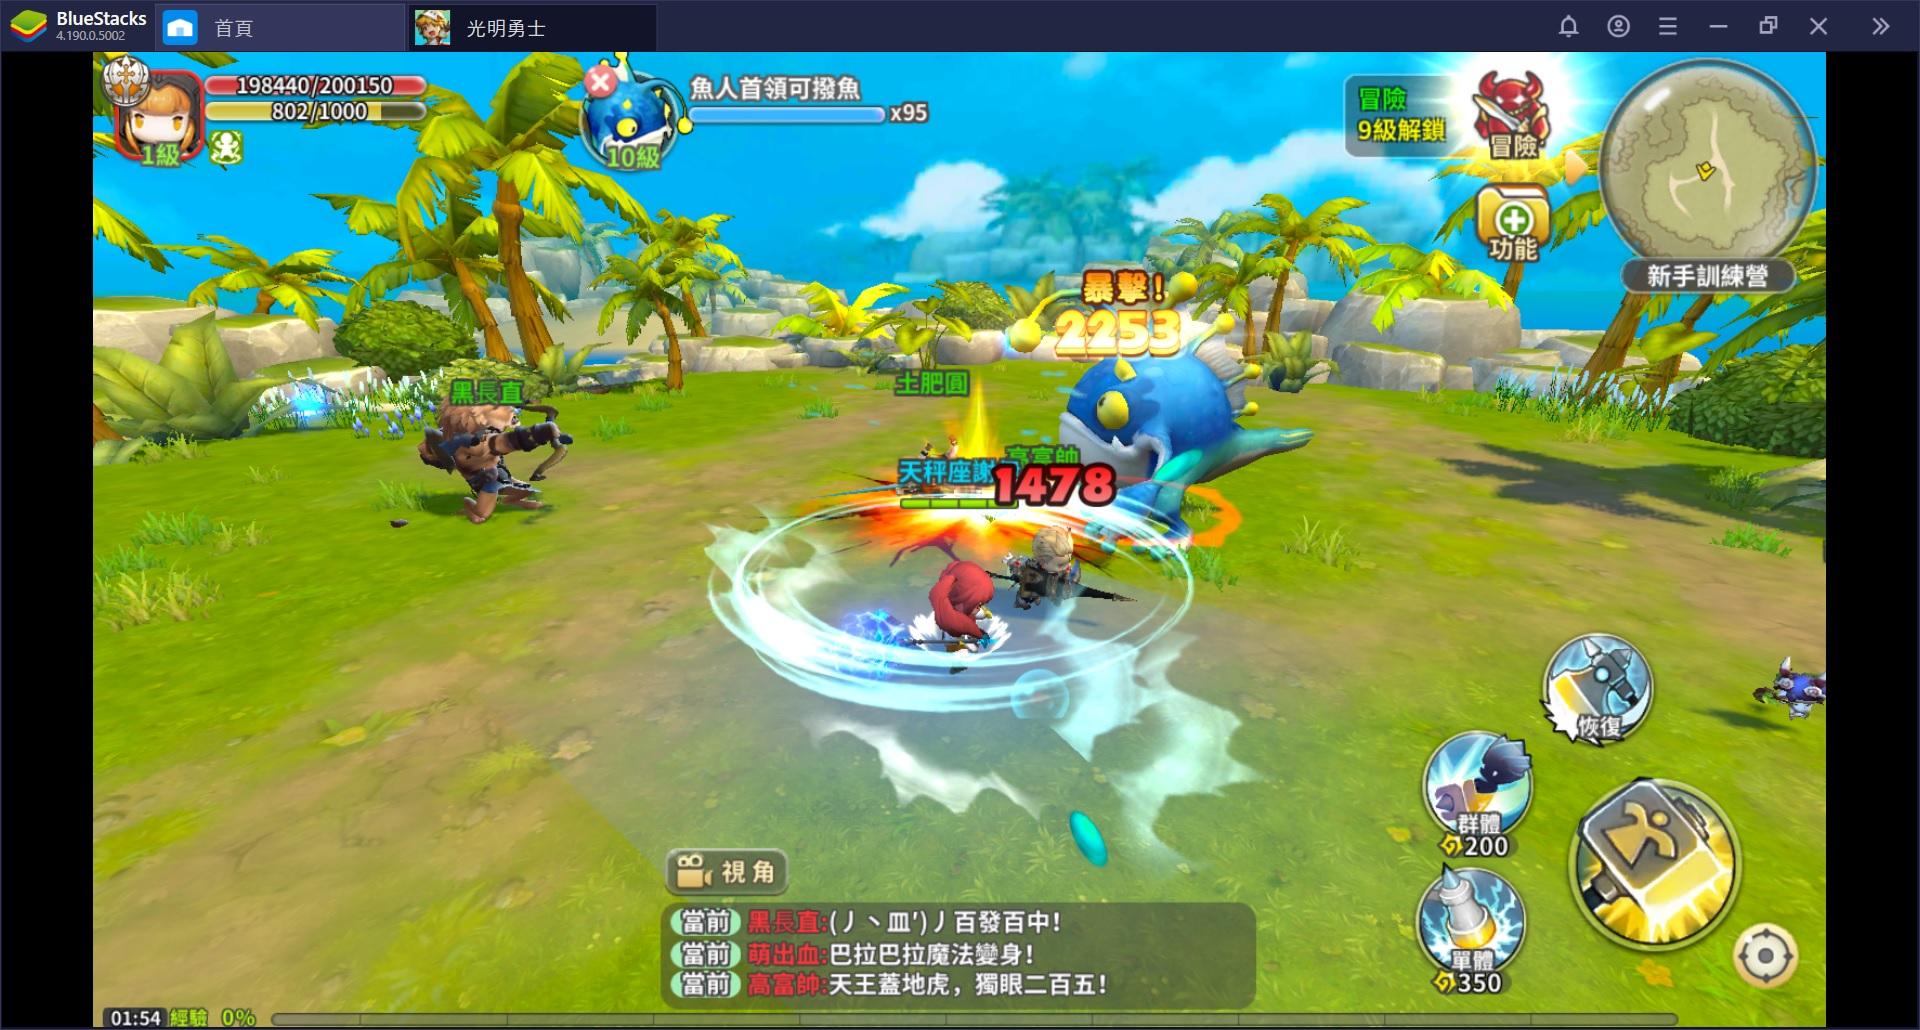 使用BlueStacks在PC上遊玩Q 版搞怪MMORPG《光明勇士》